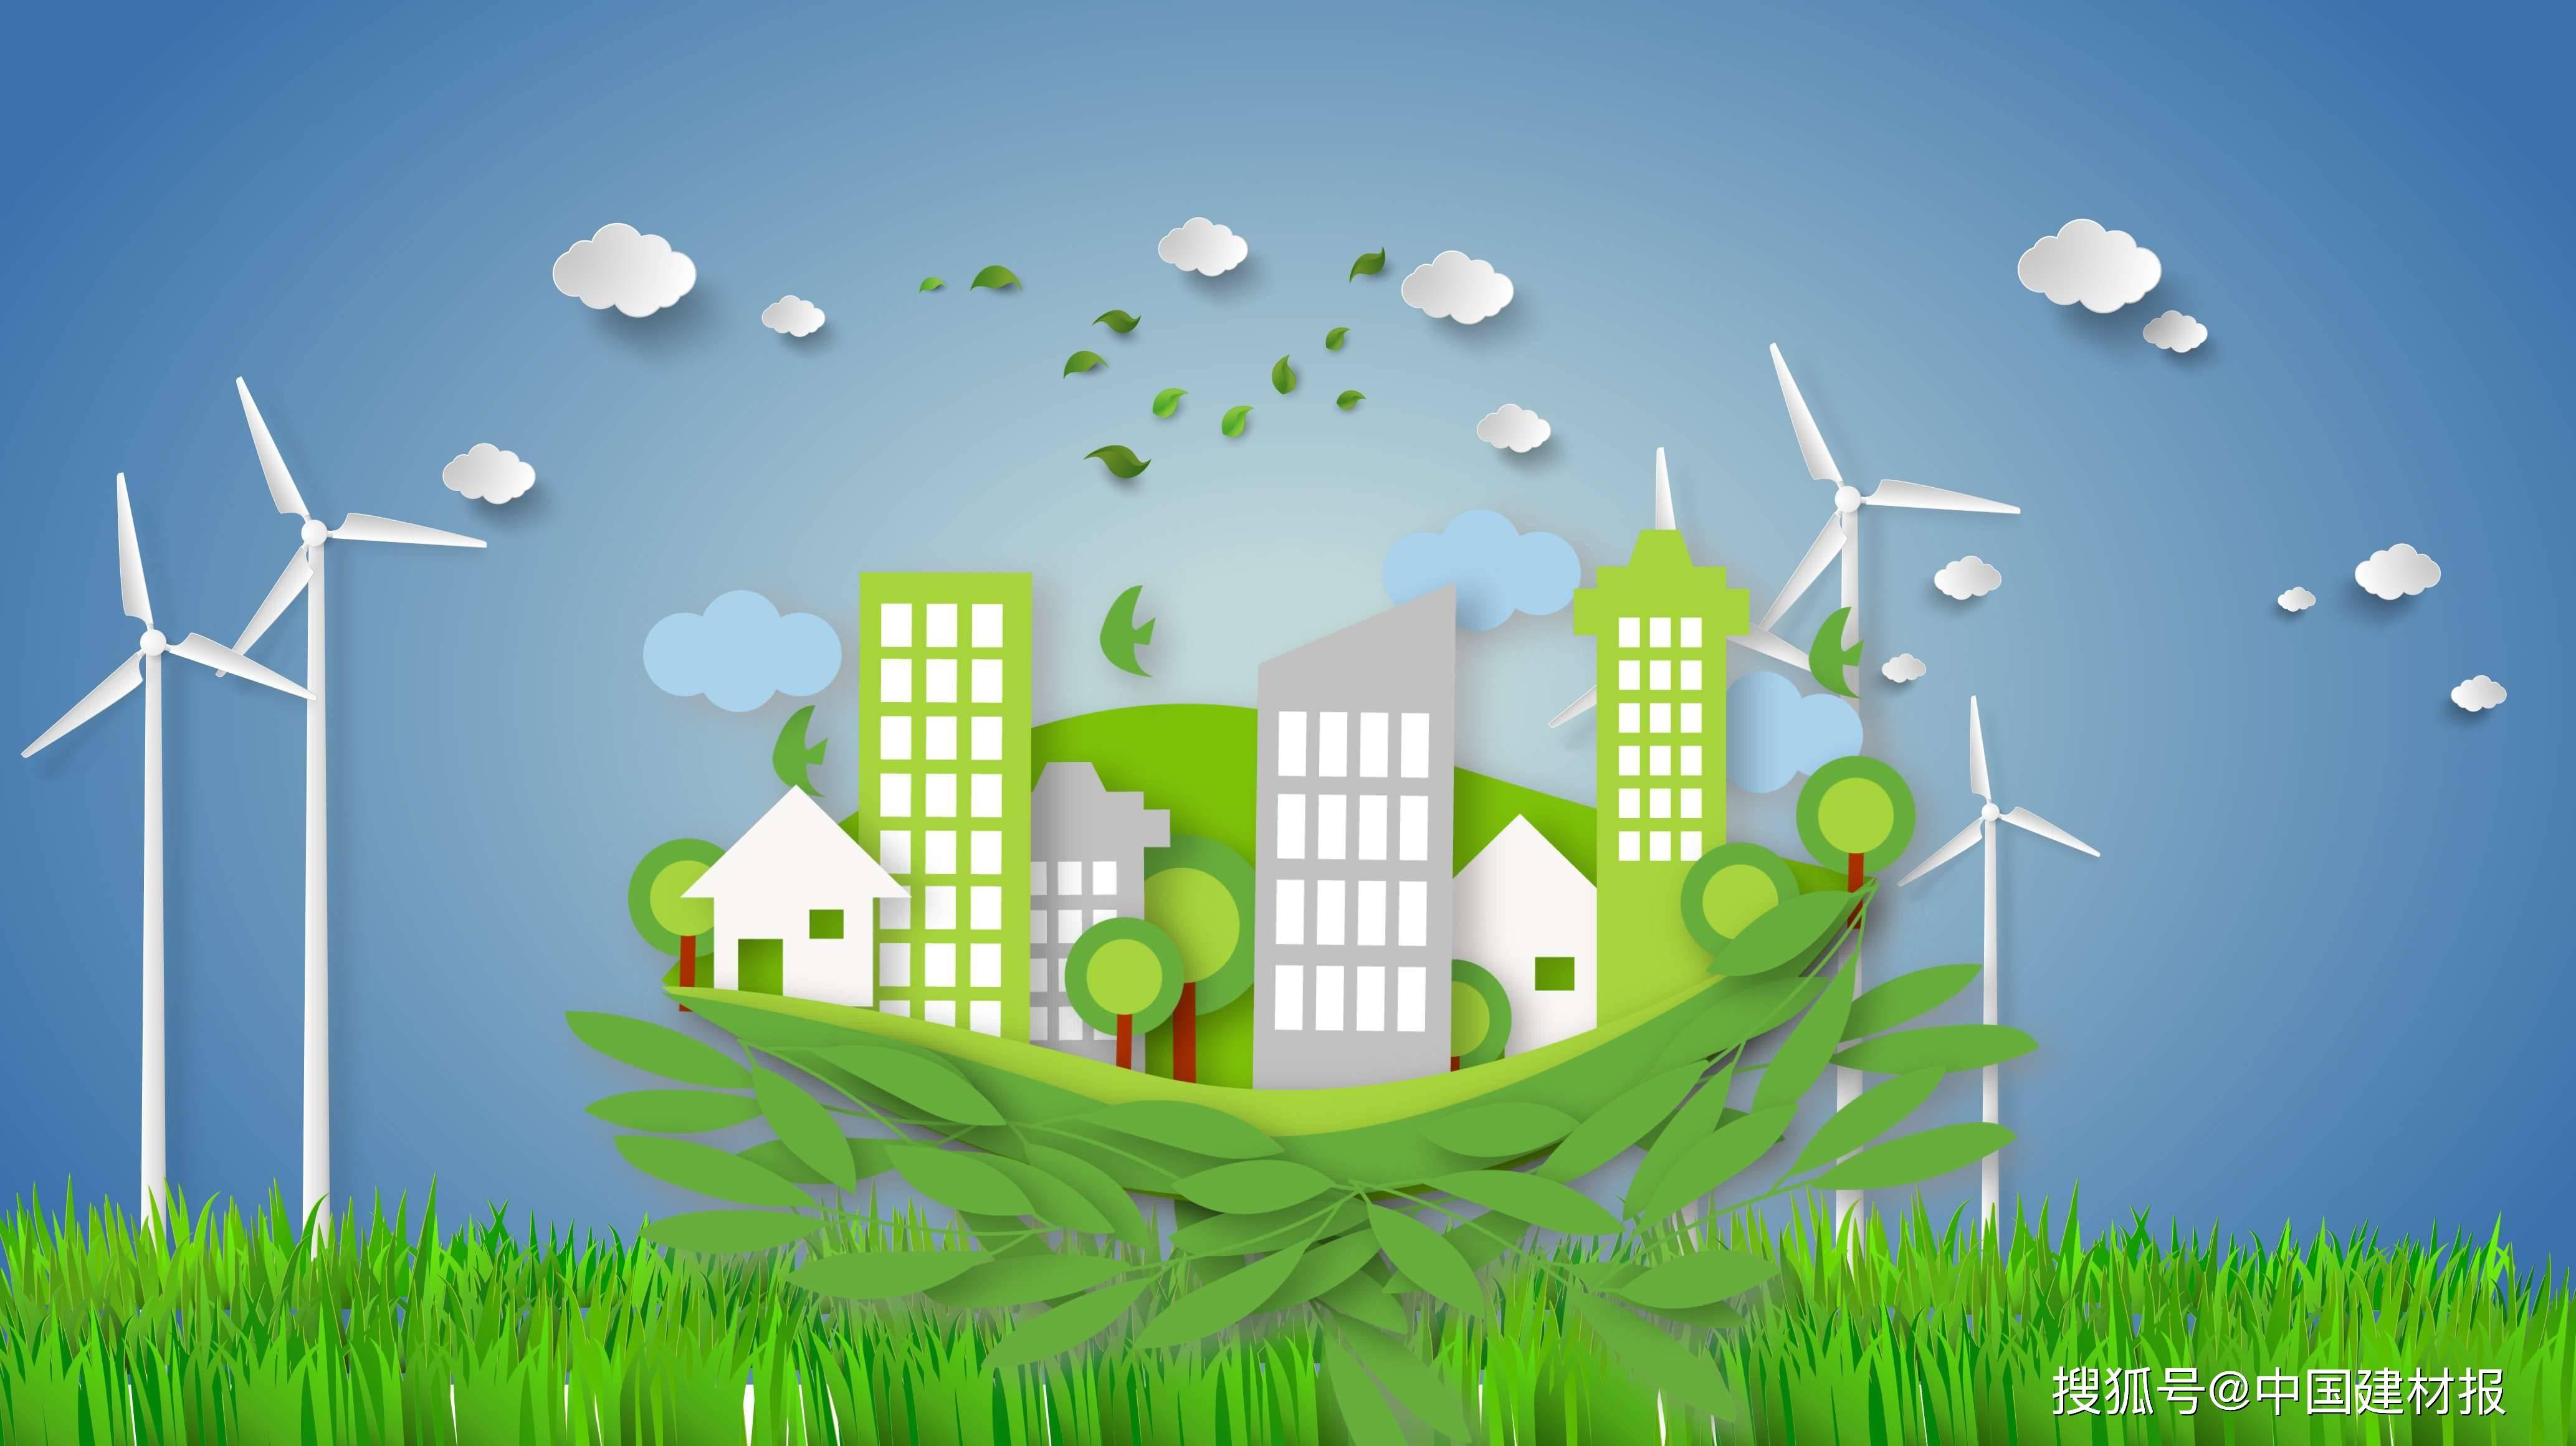 江西省和福建省发布了2021年水泥高峰生产计划